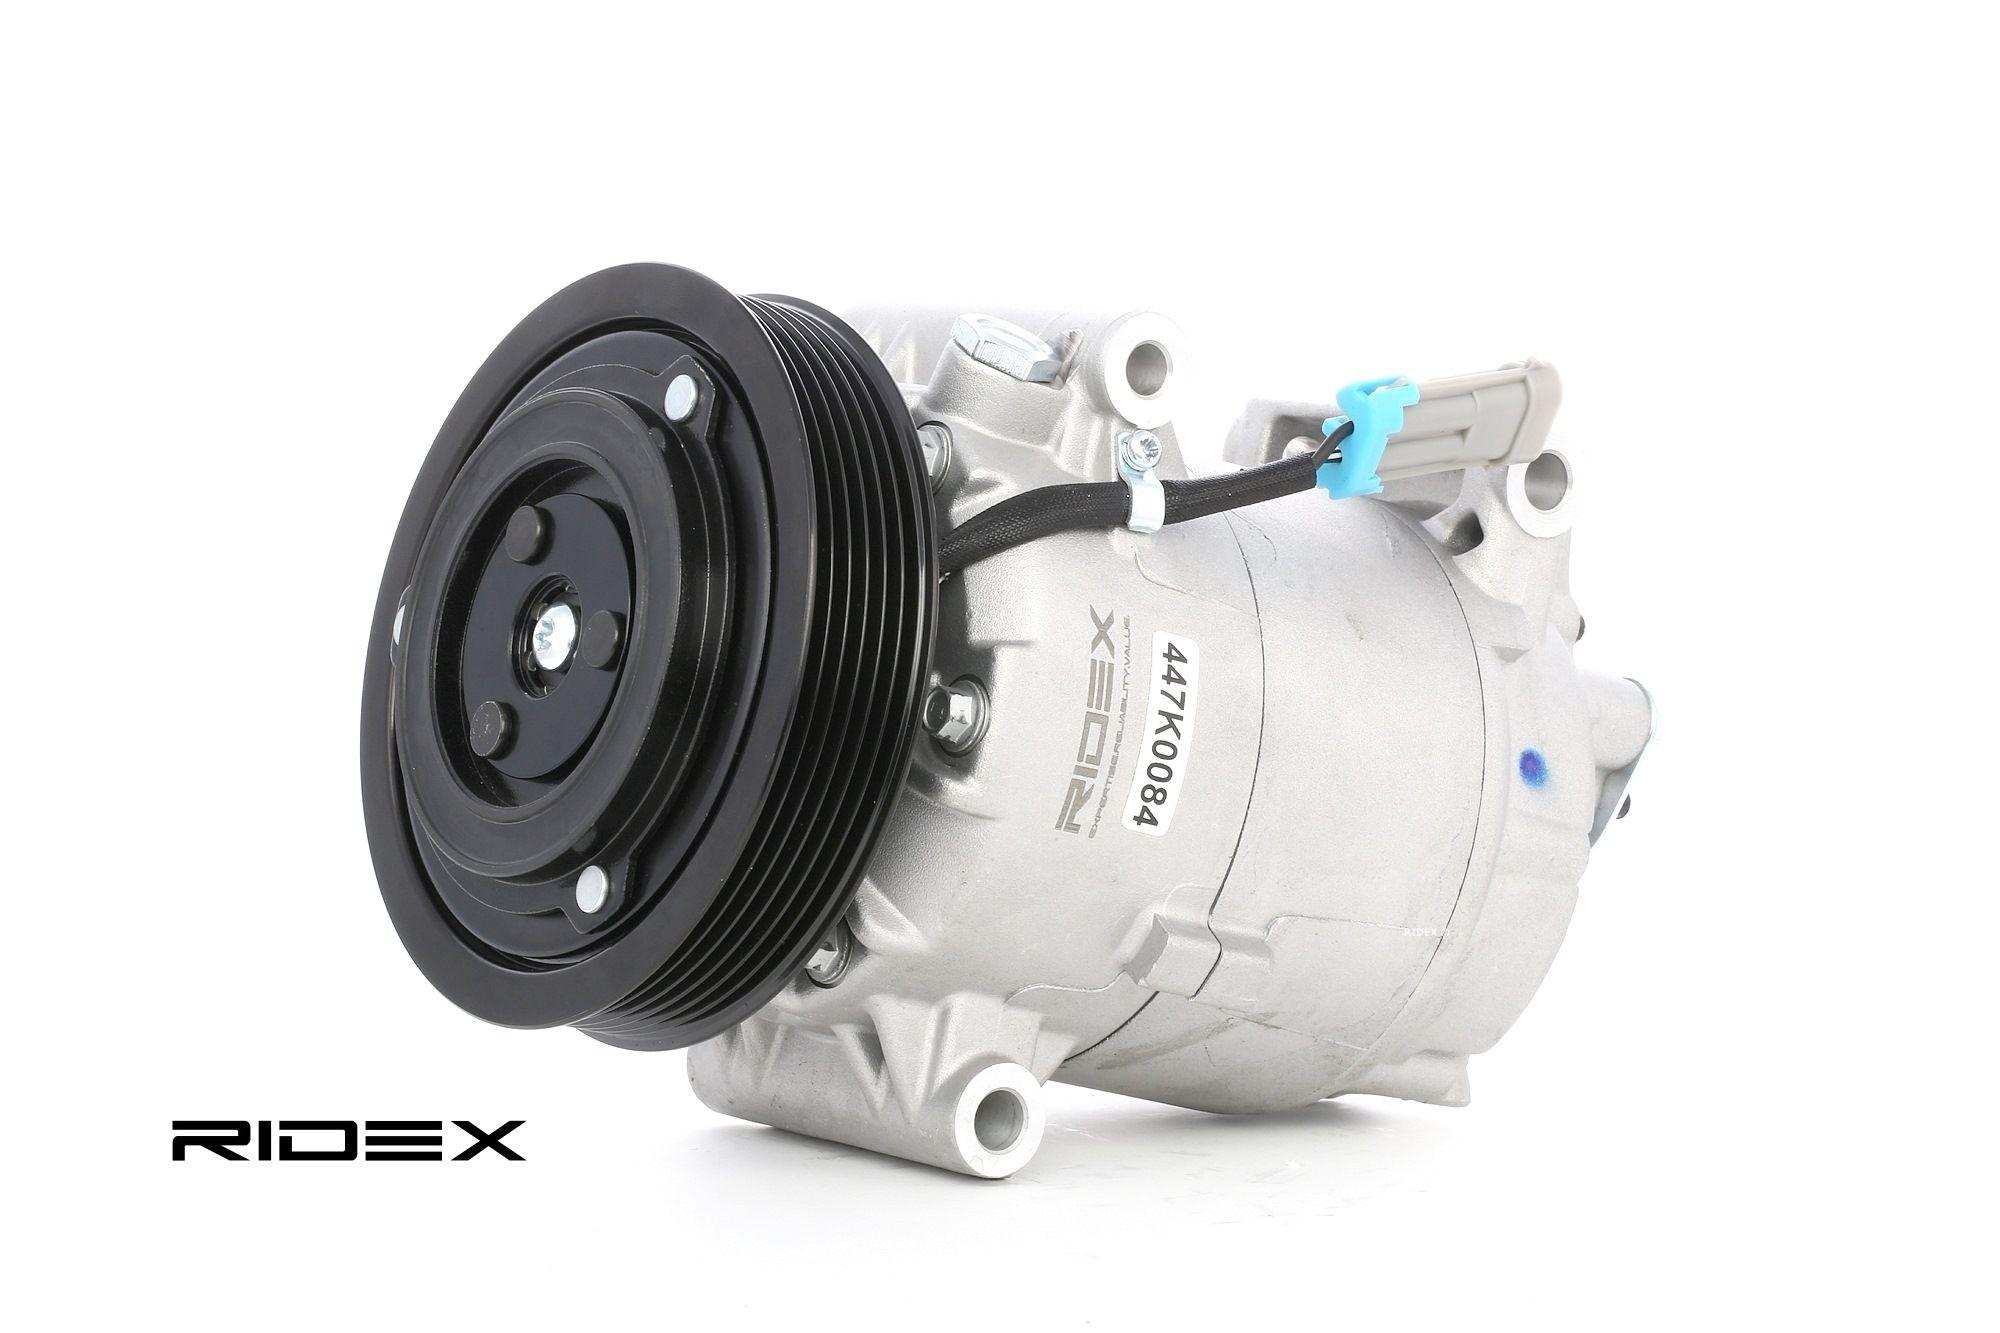 447K0084 RIDEX PAG 46, Kältemittel: R 134a Riemenscheiben-Ø: 125mm, Anzahl der Rillen: 6 Kompressor, Klimaanlage 447K0084 günstig kaufen